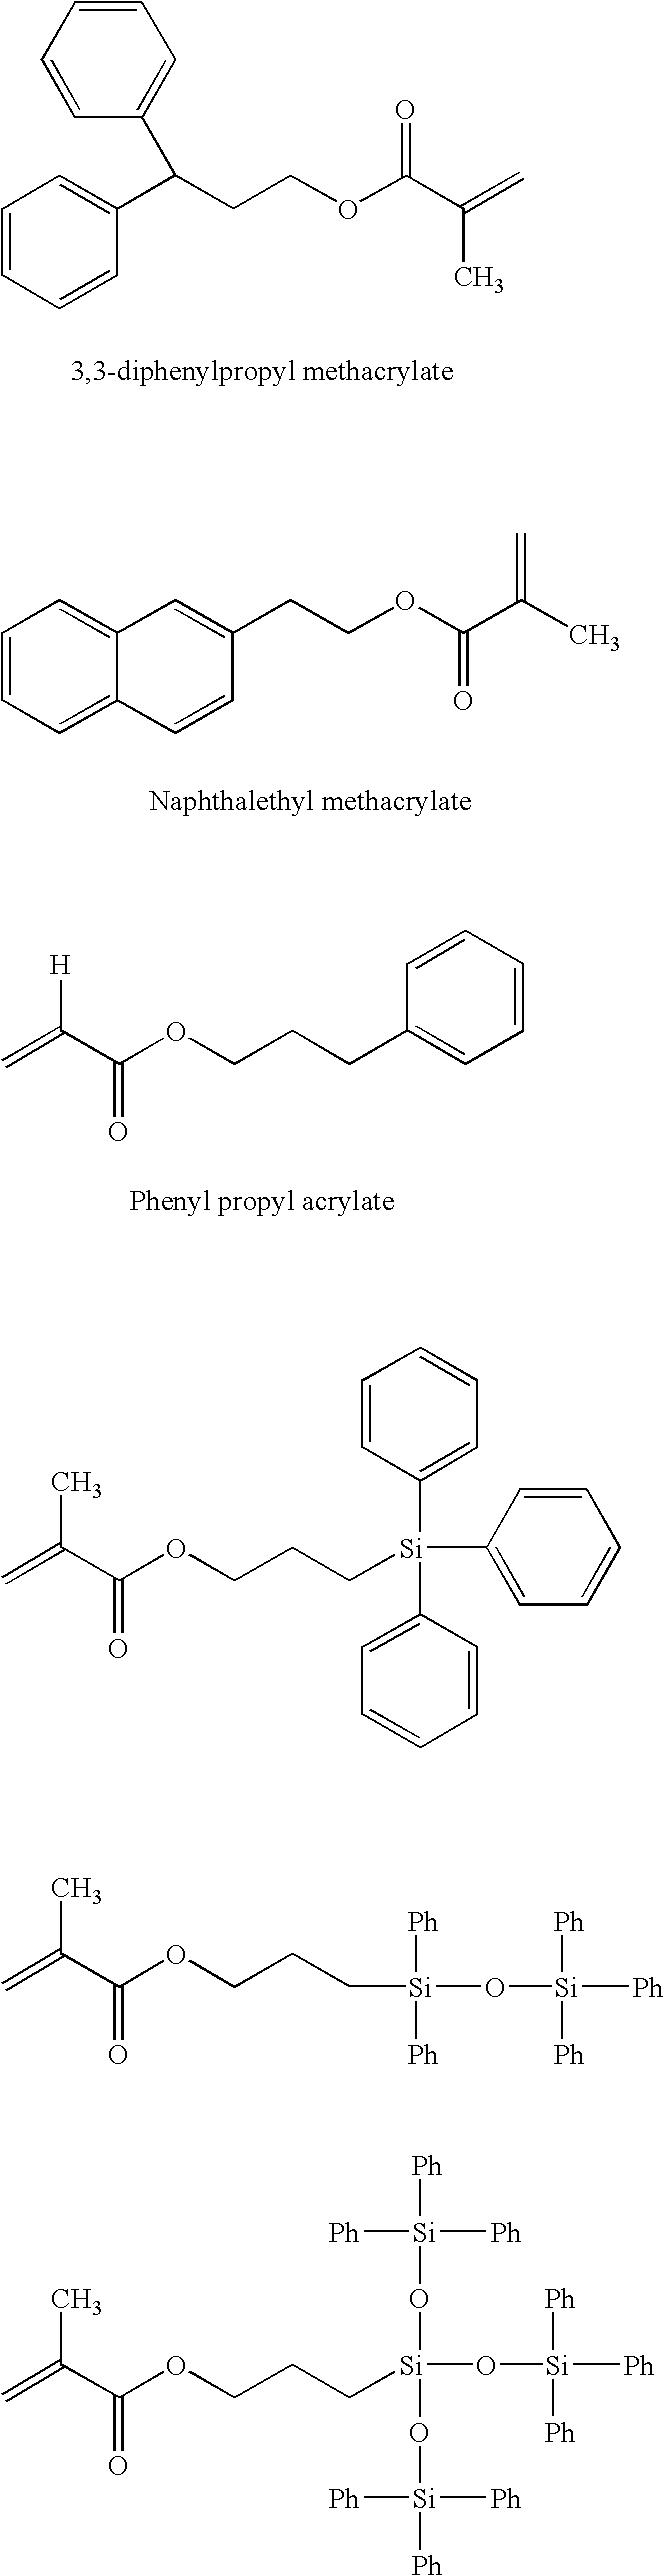 Figure US07625598-20091201-C00007